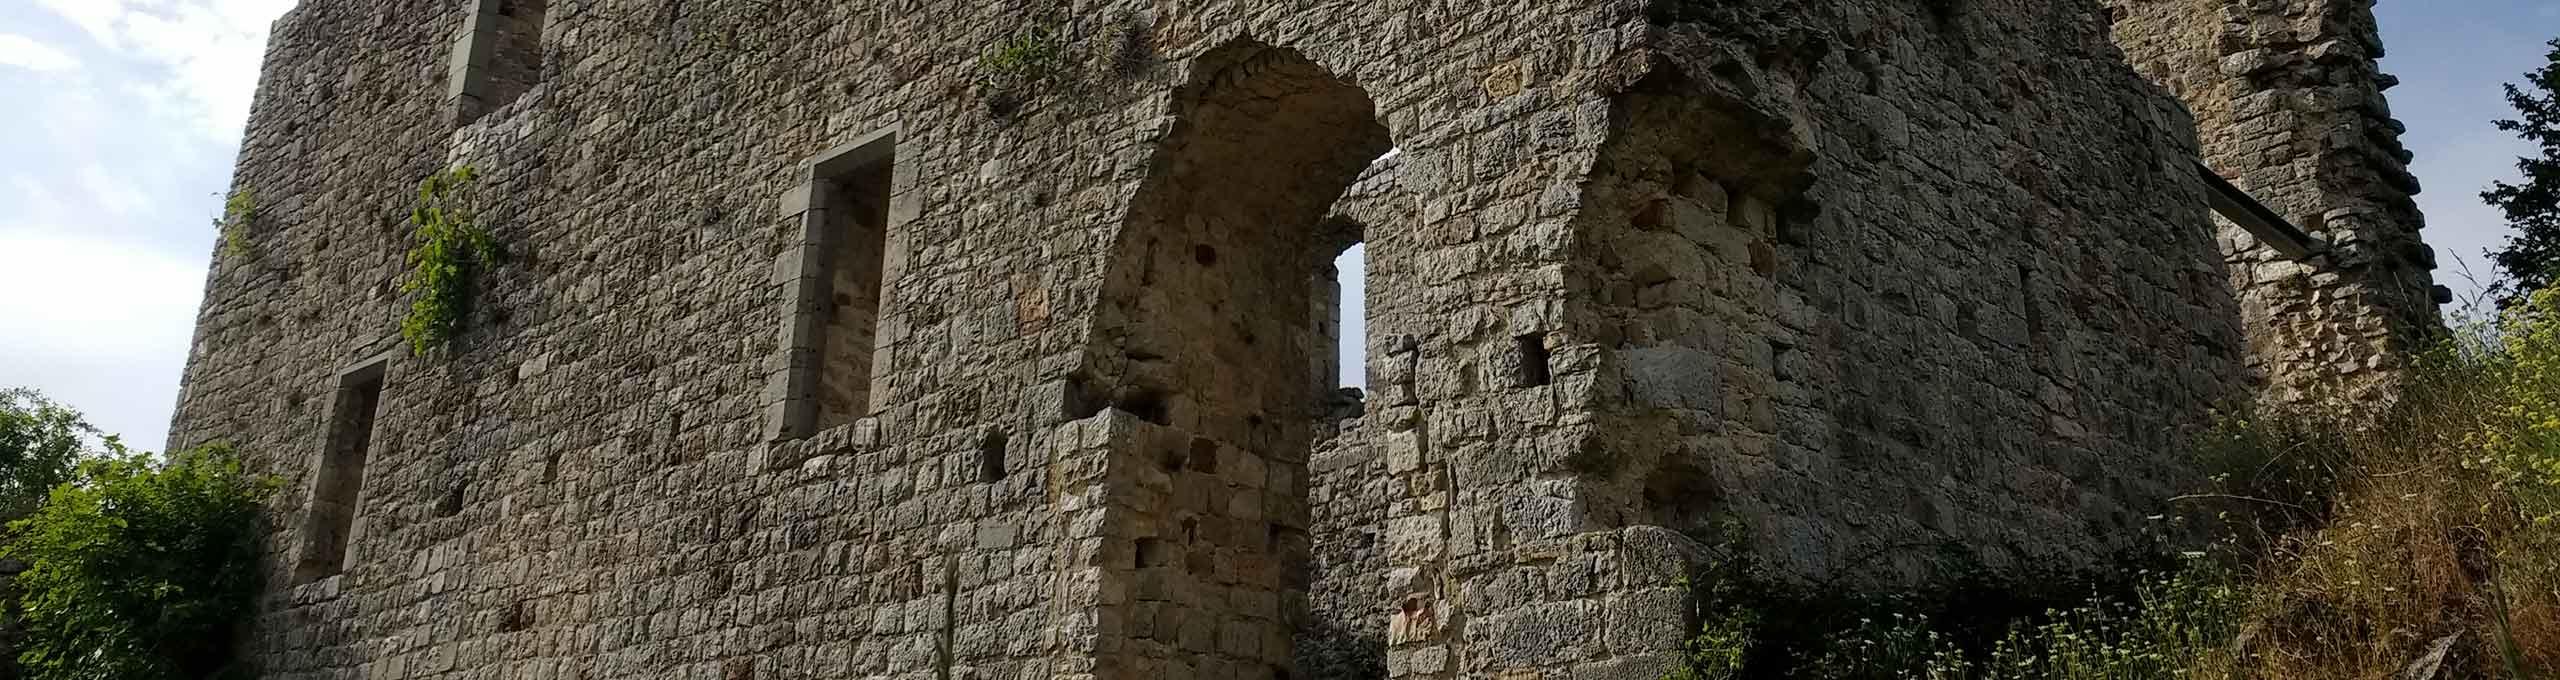 Castello abbandonato Rocca Silena